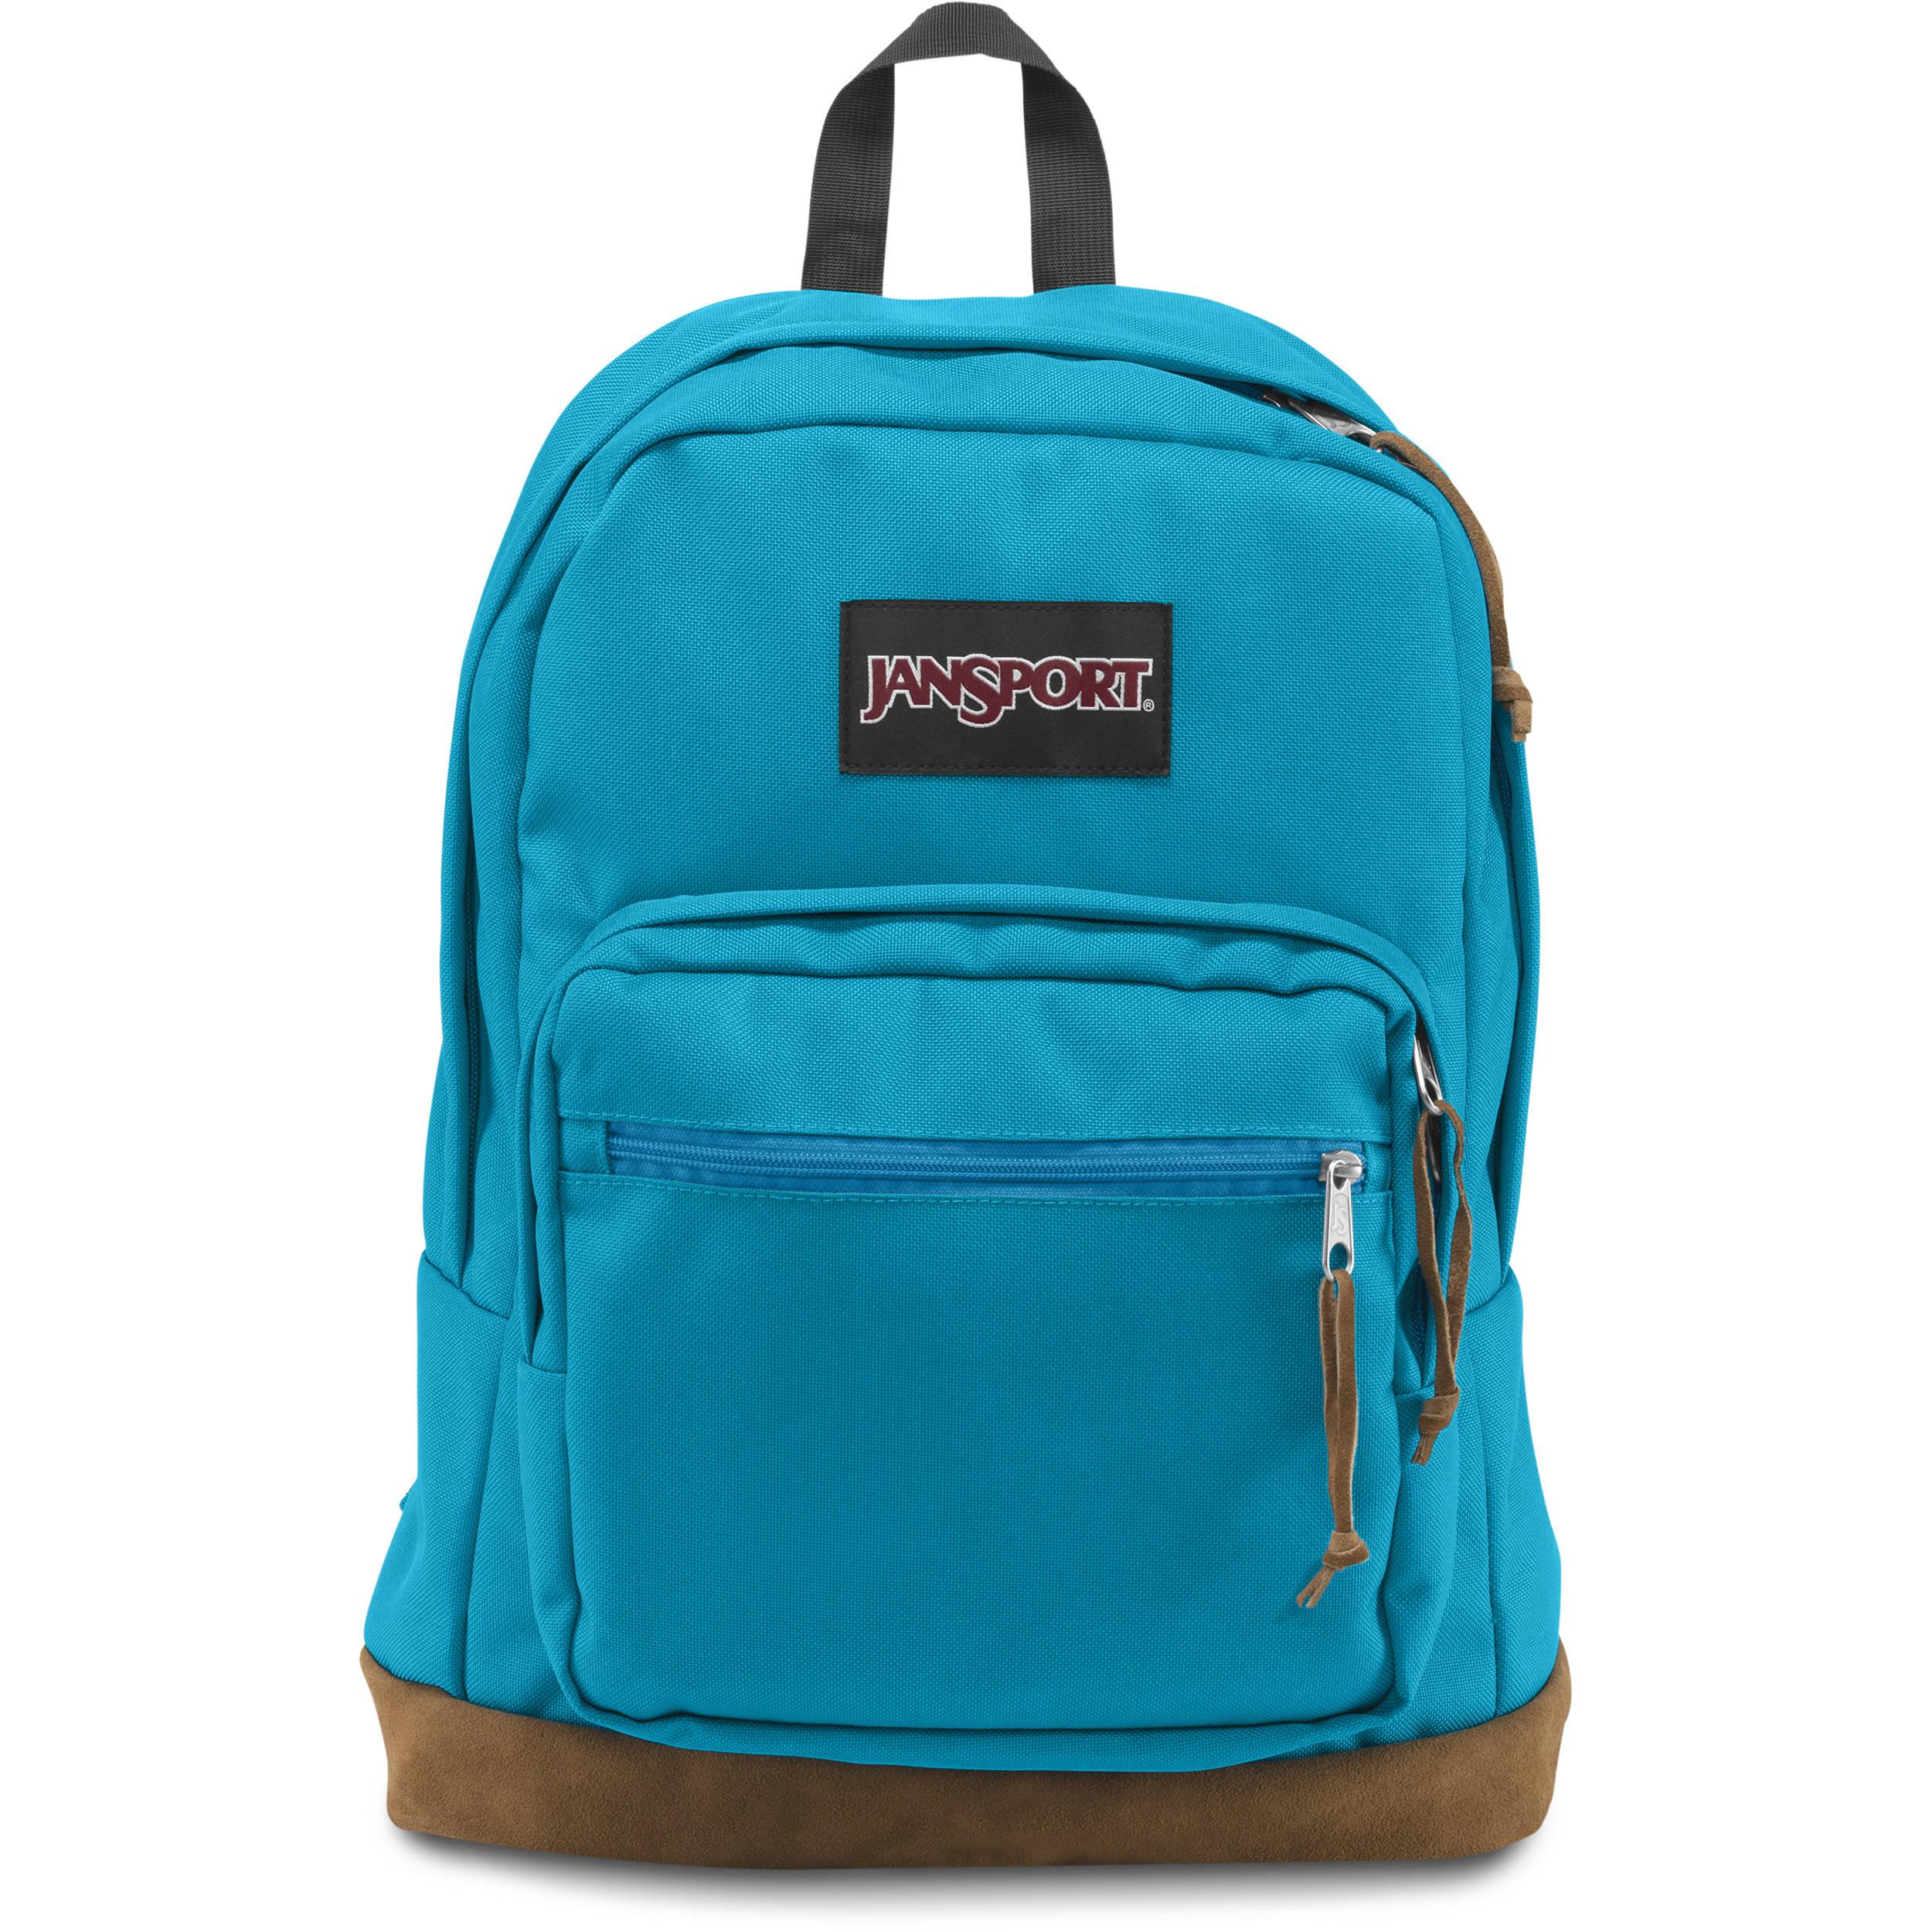 JanSport Right Pack 31L Backpack (Blue Crest) JS00TYP701F B&H